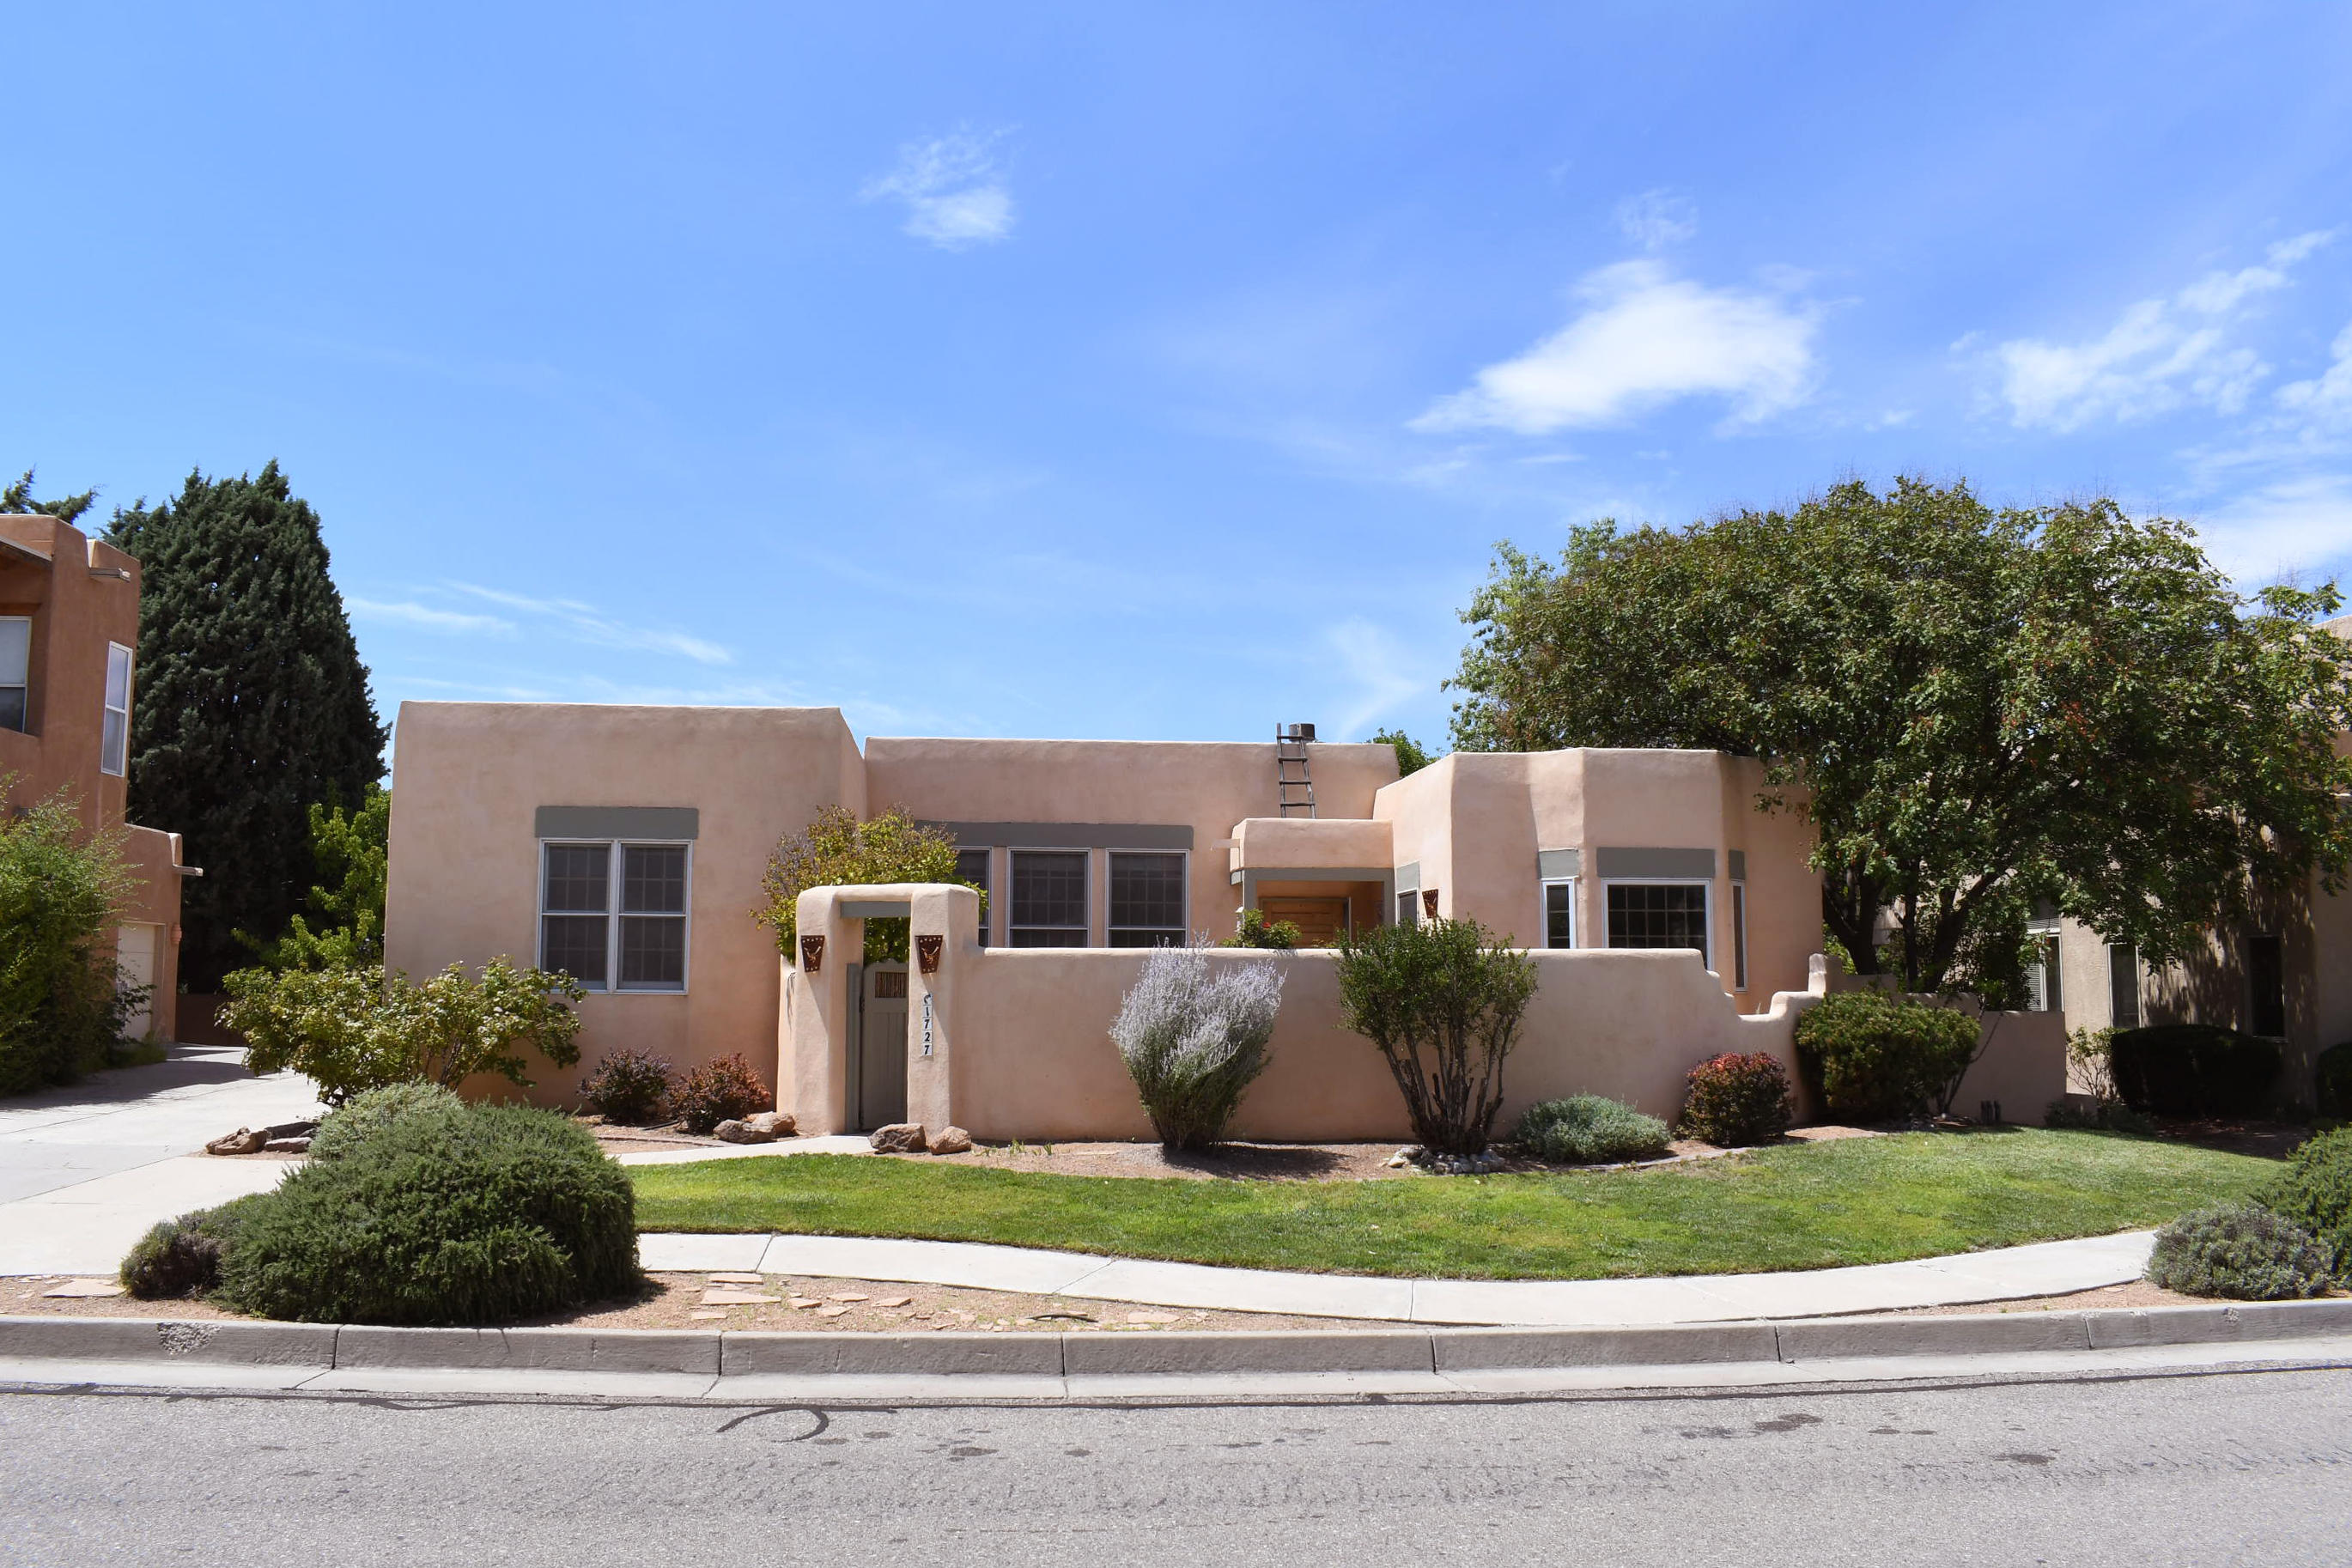 1727 AVENIDA ALTURAS NE Property Photo - Albuquerque, NM real estate listing